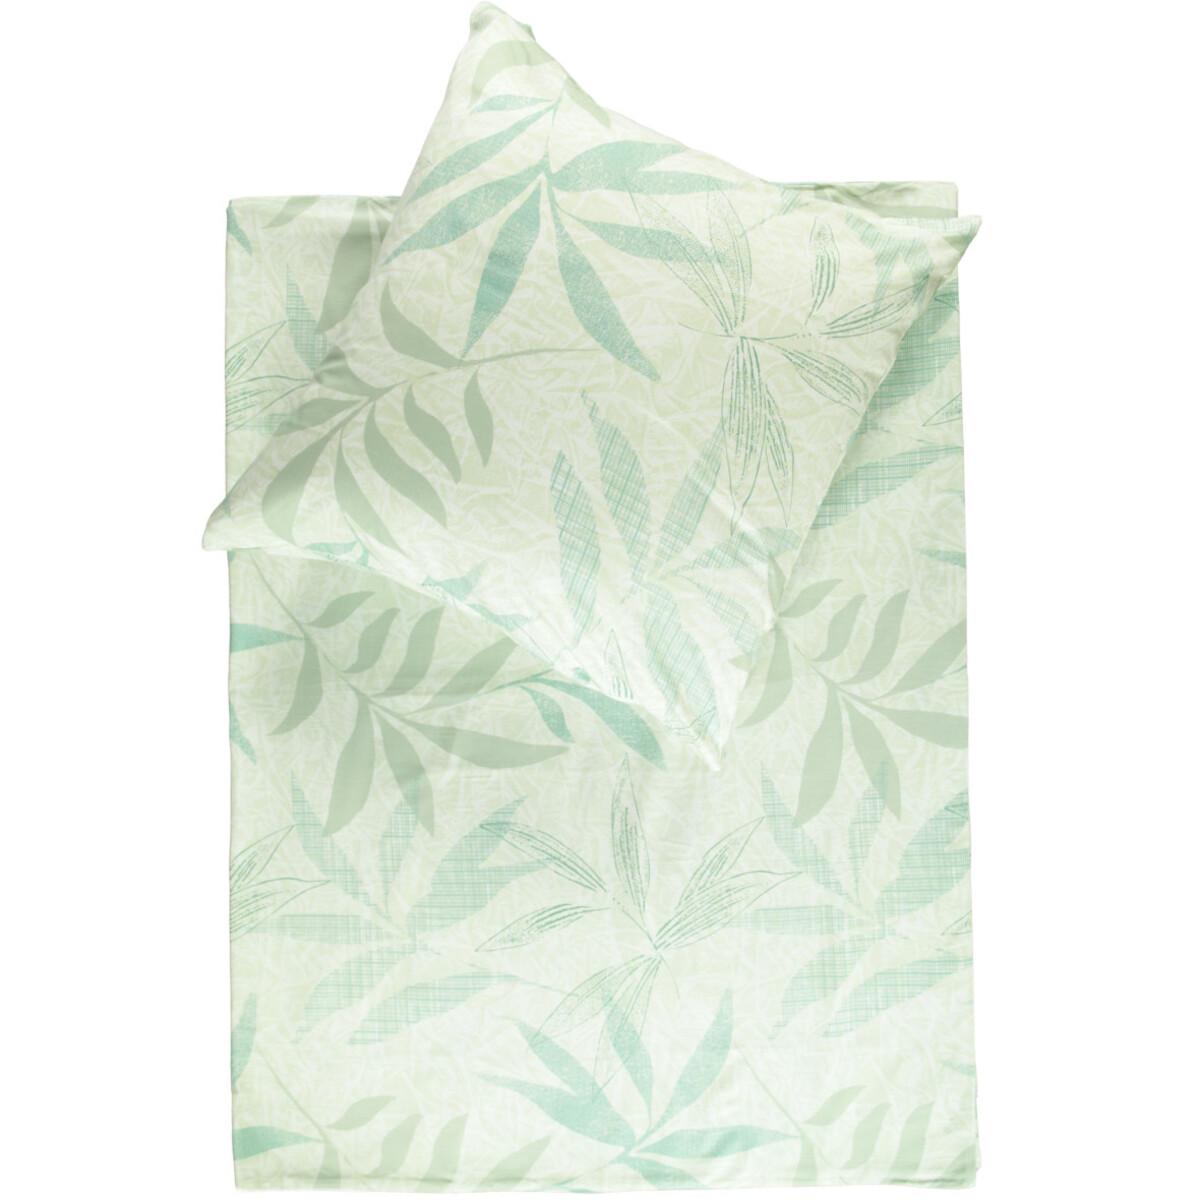 Bild 1 von Satinbettwäsche mit zartem Blättermotiv 135x200cm